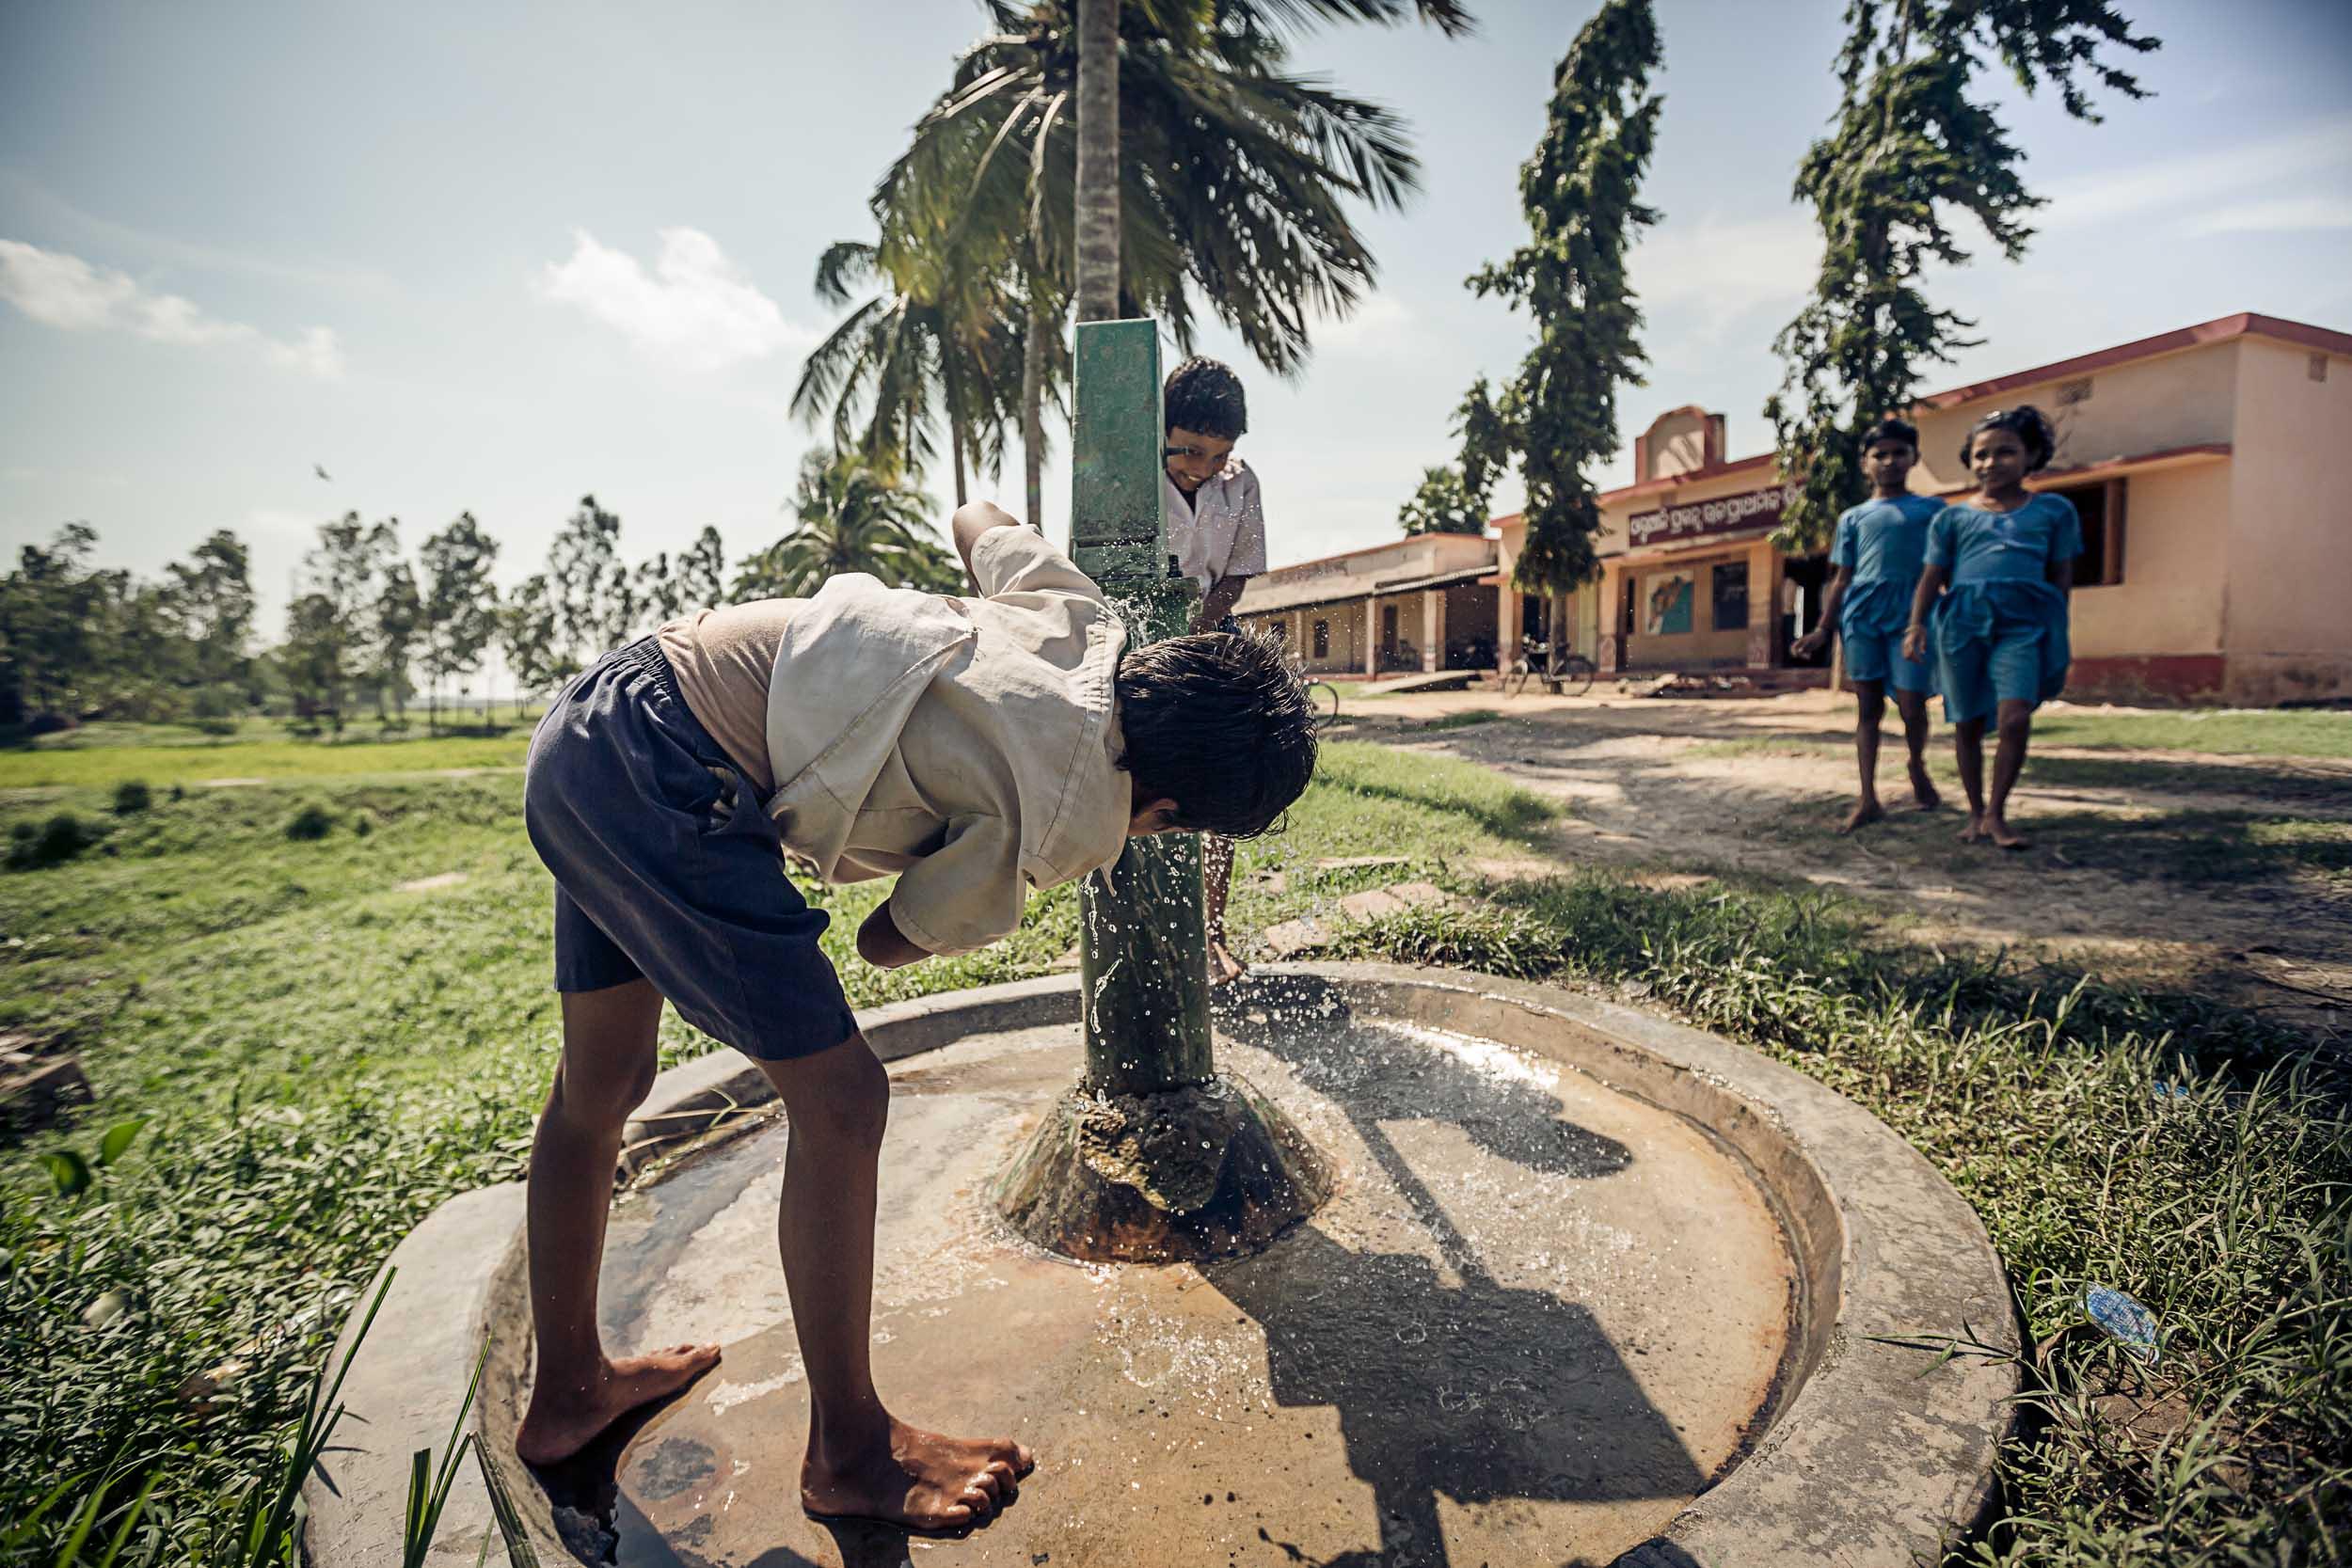 Sindhur_Photography_Narratives_Akshayapatra-200.JPG